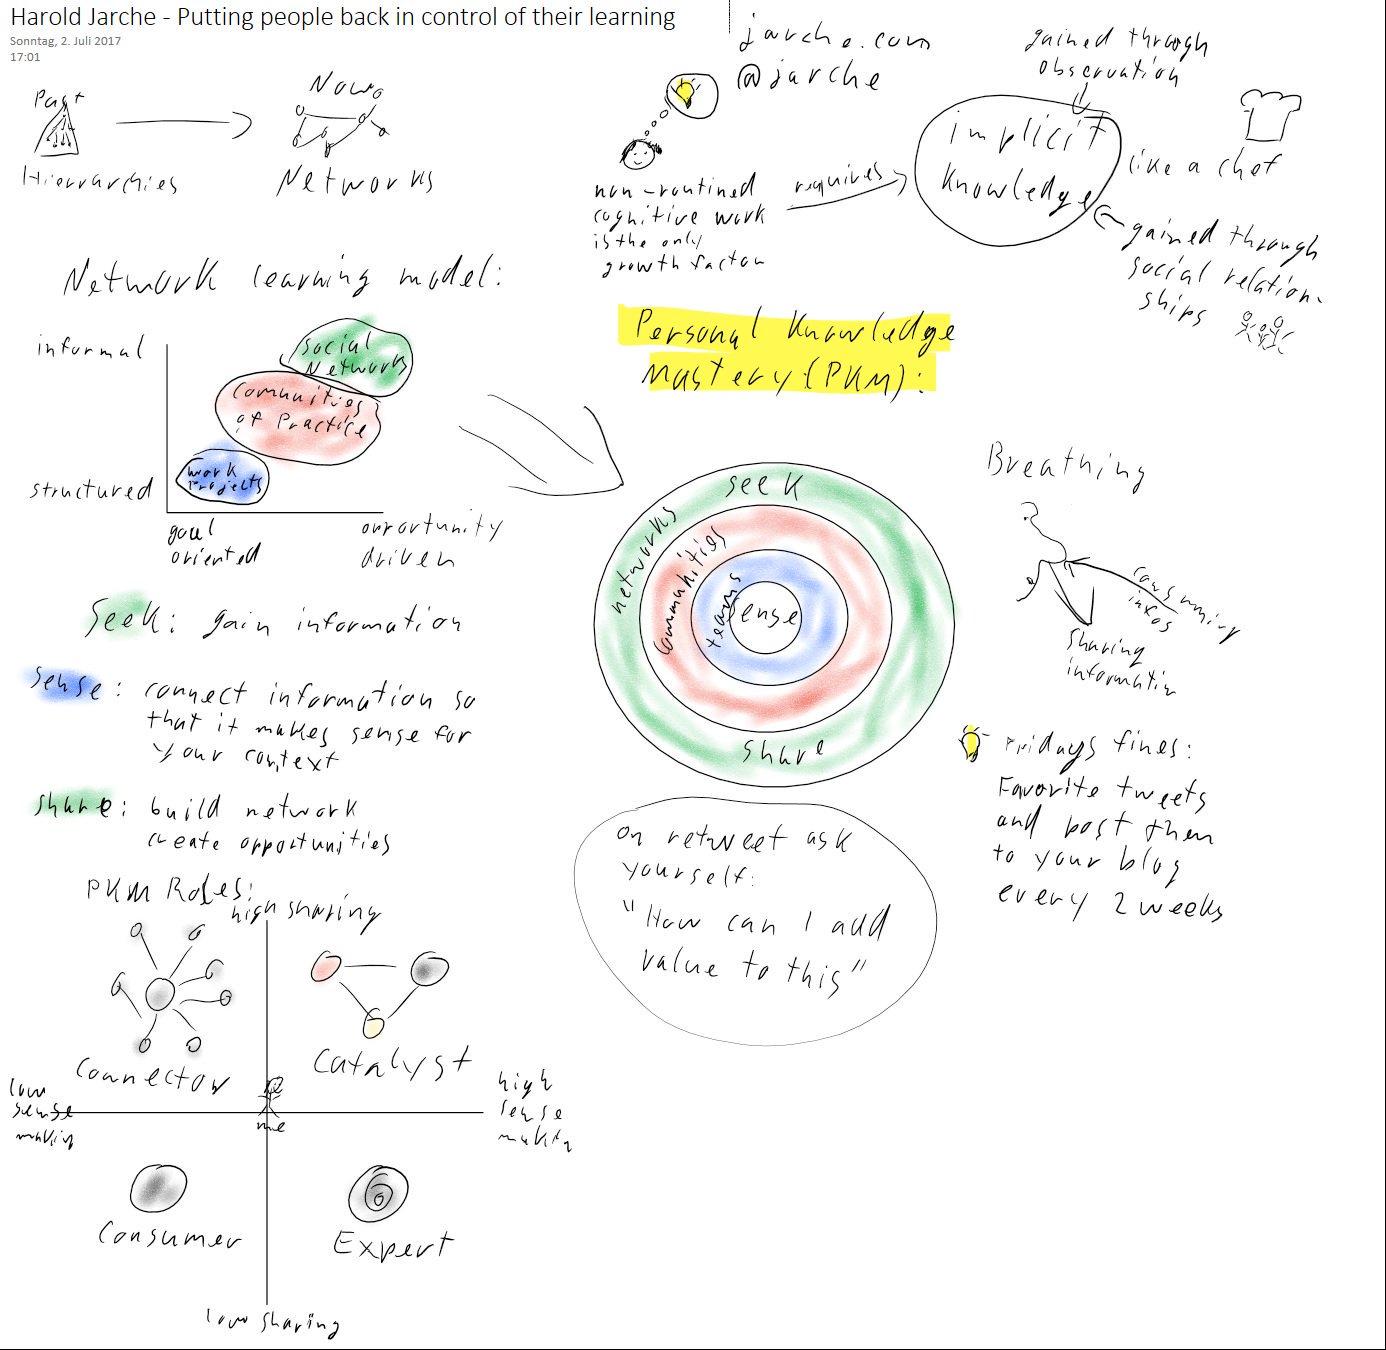 Sketchnote über Harold Jarche's Wissensmanagement Framework